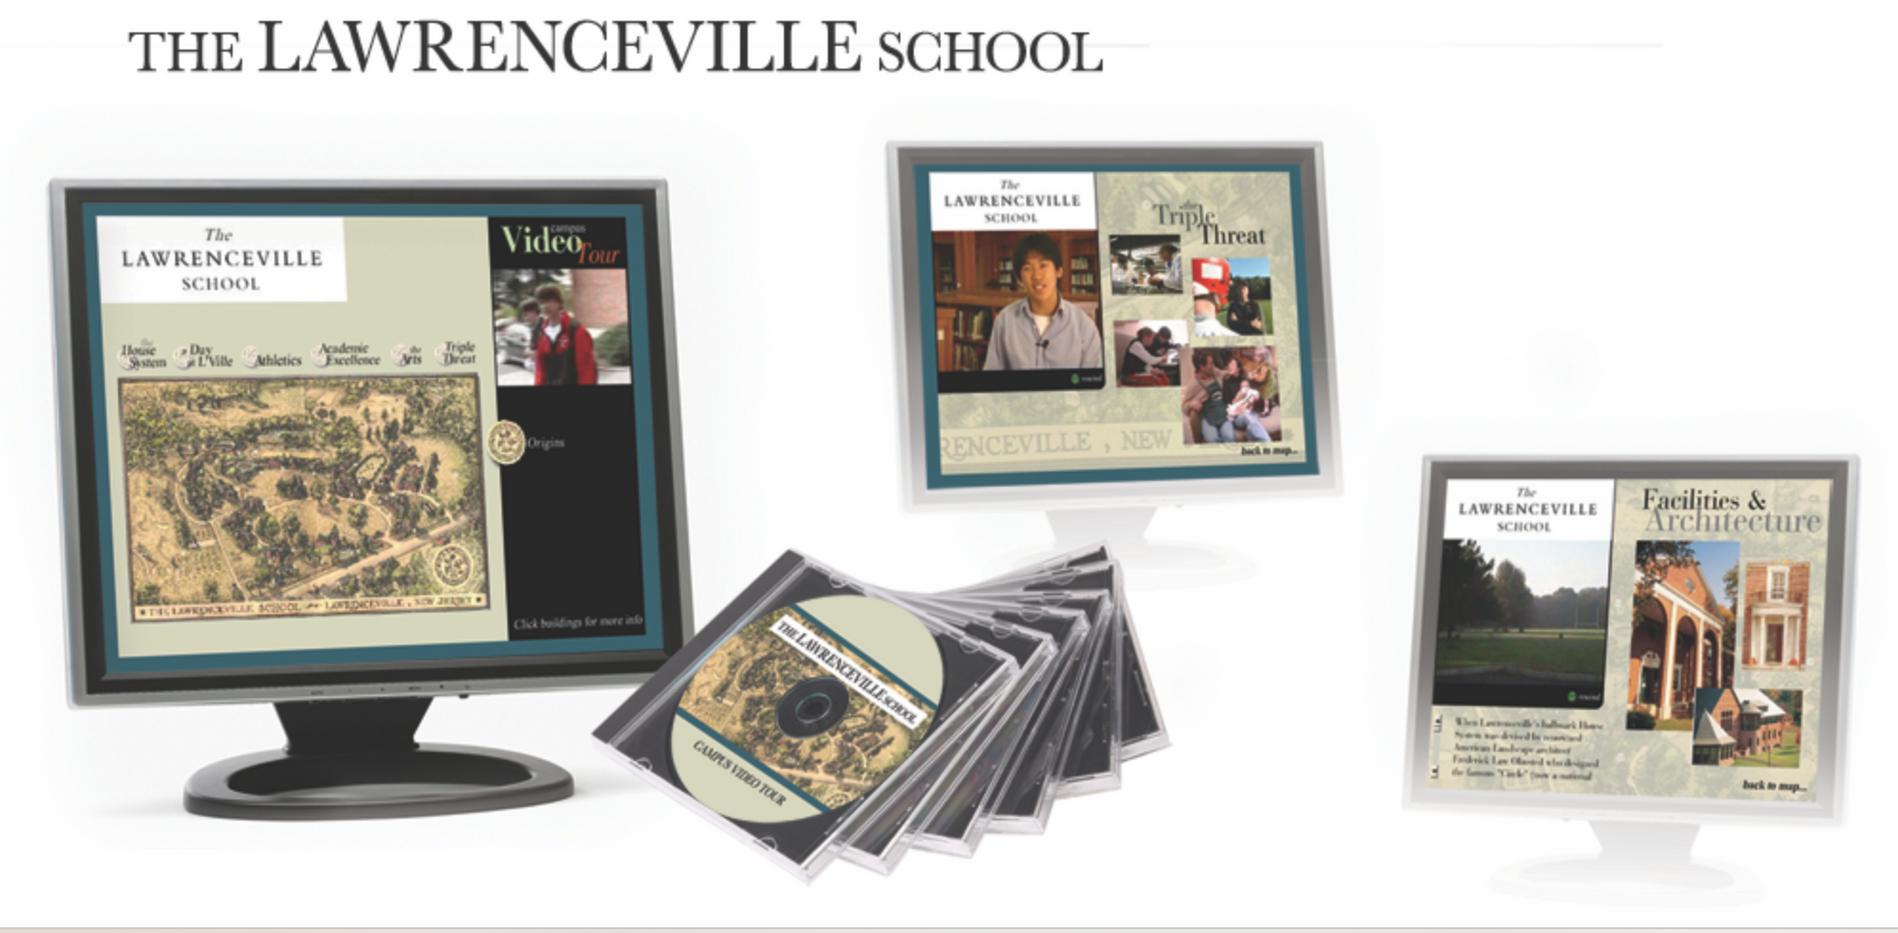 Lawrenceville School